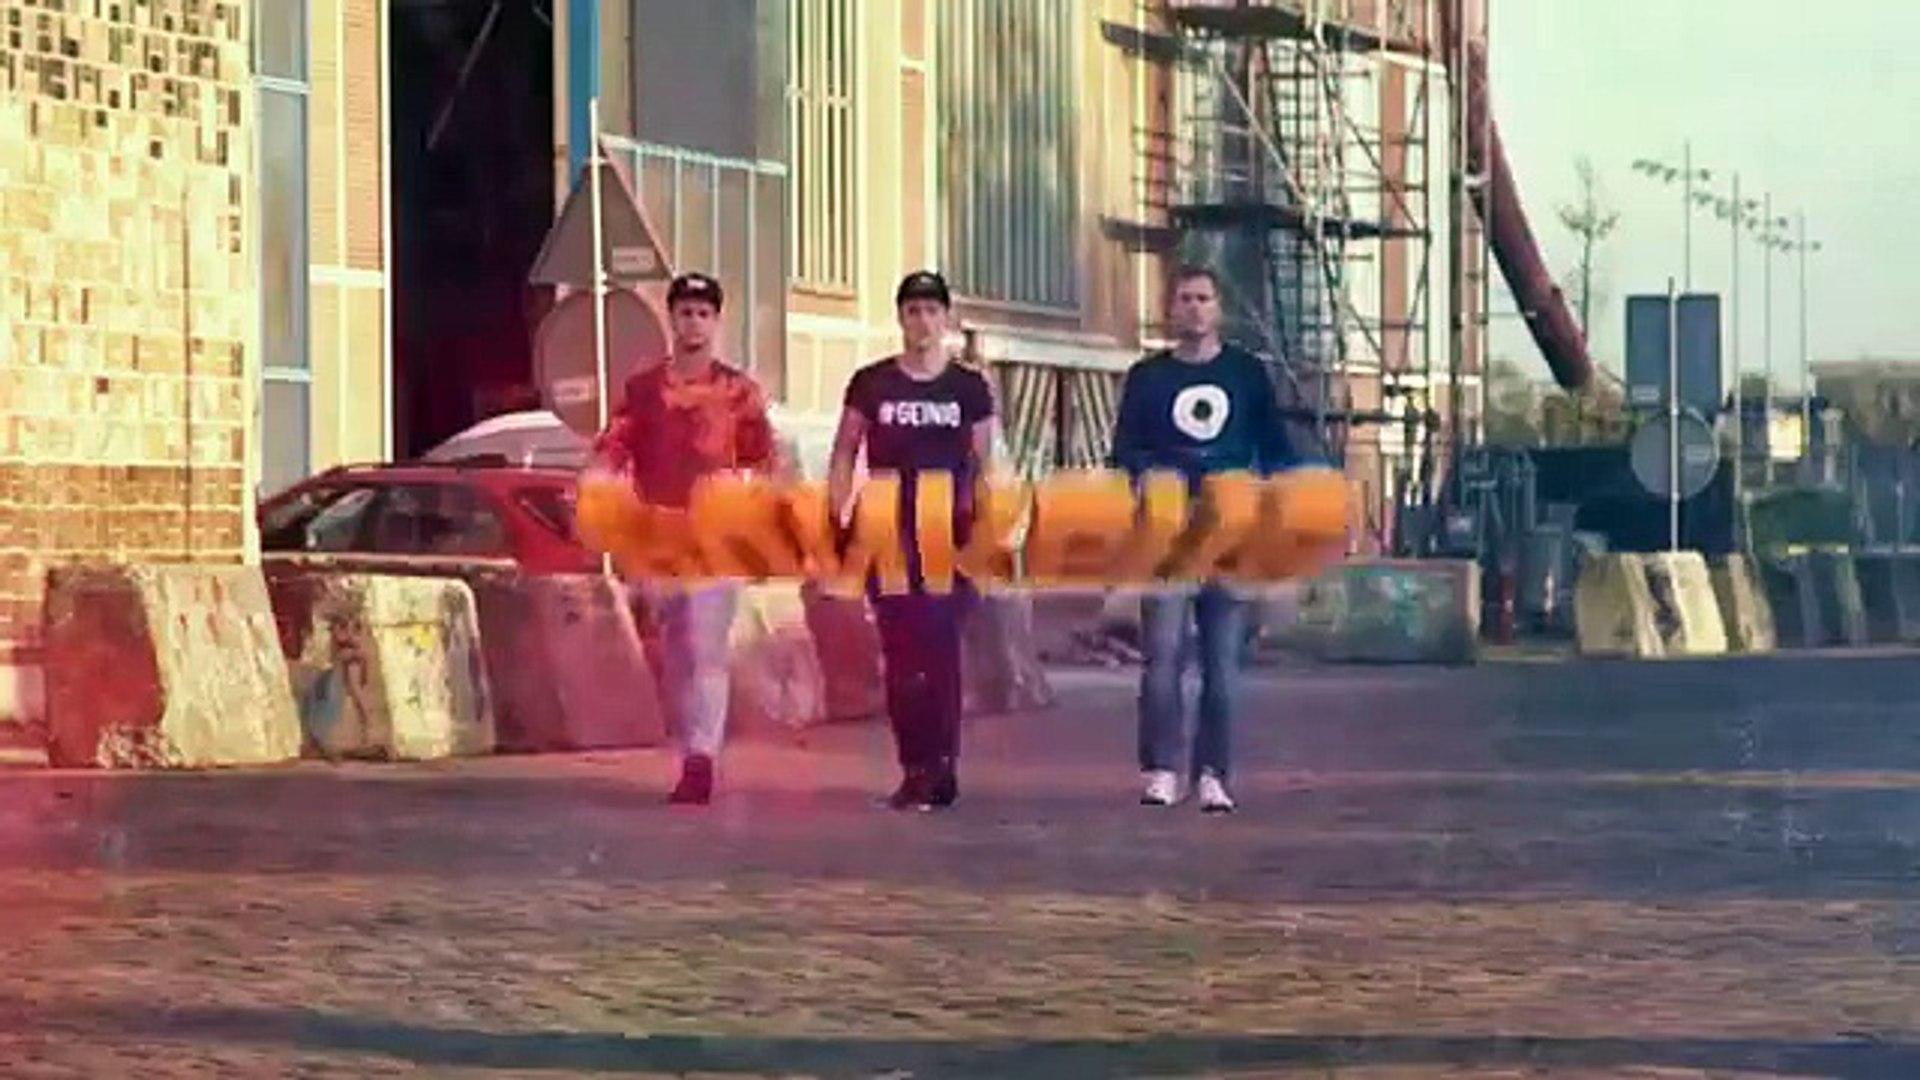 #47: BOETE VOOR ZWARTRIJDEN OP TRAM - #BLUF (720p Full HD)